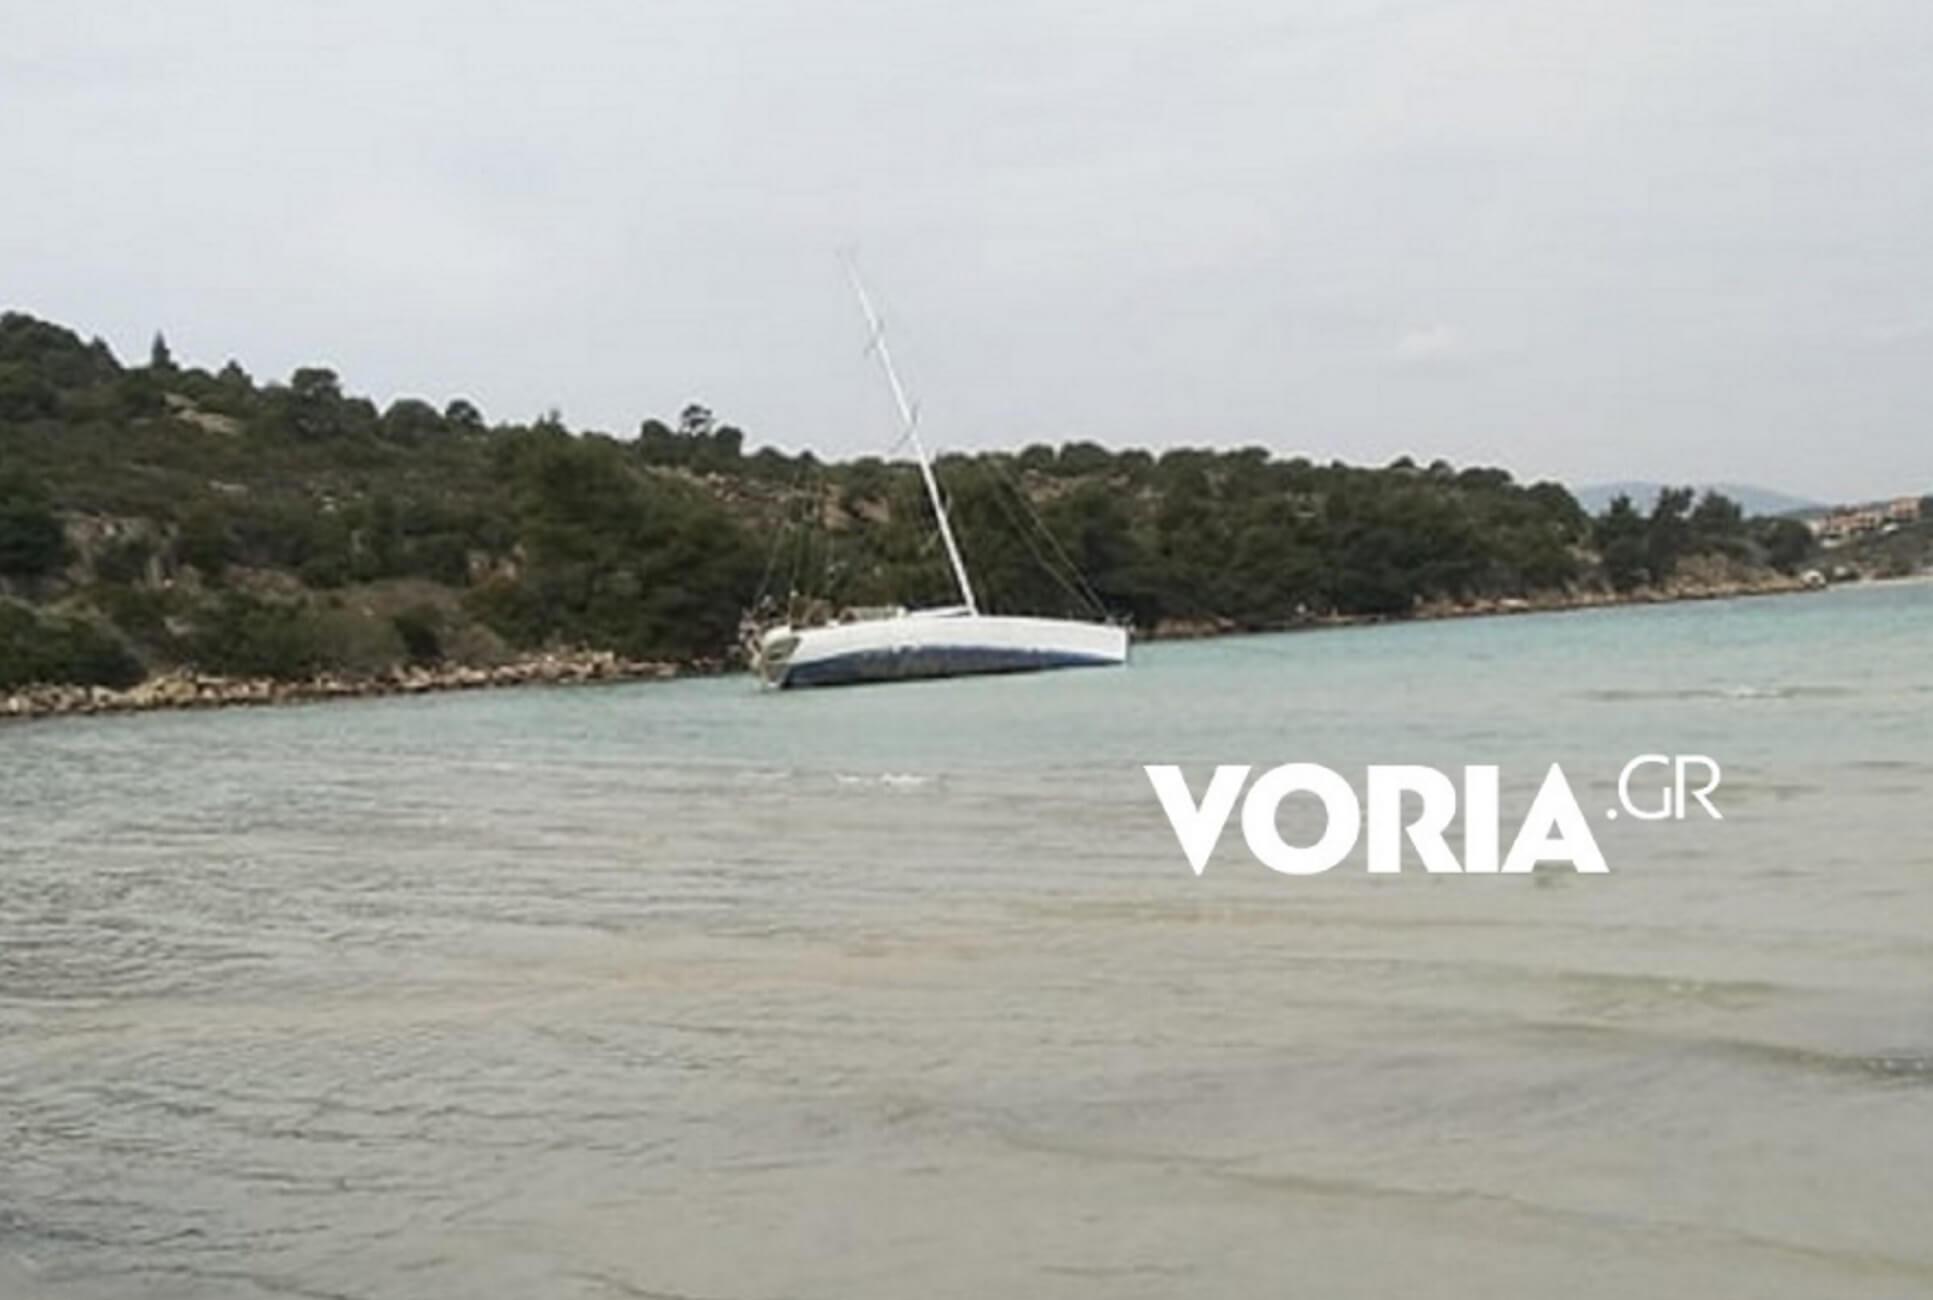 Χαλκιδική: Η άγνωστη ιστορία του ημιβυθισμένου ιστιοφόρου σε παραλία – Ο έλεγχος και ο πλειστηριασμός!